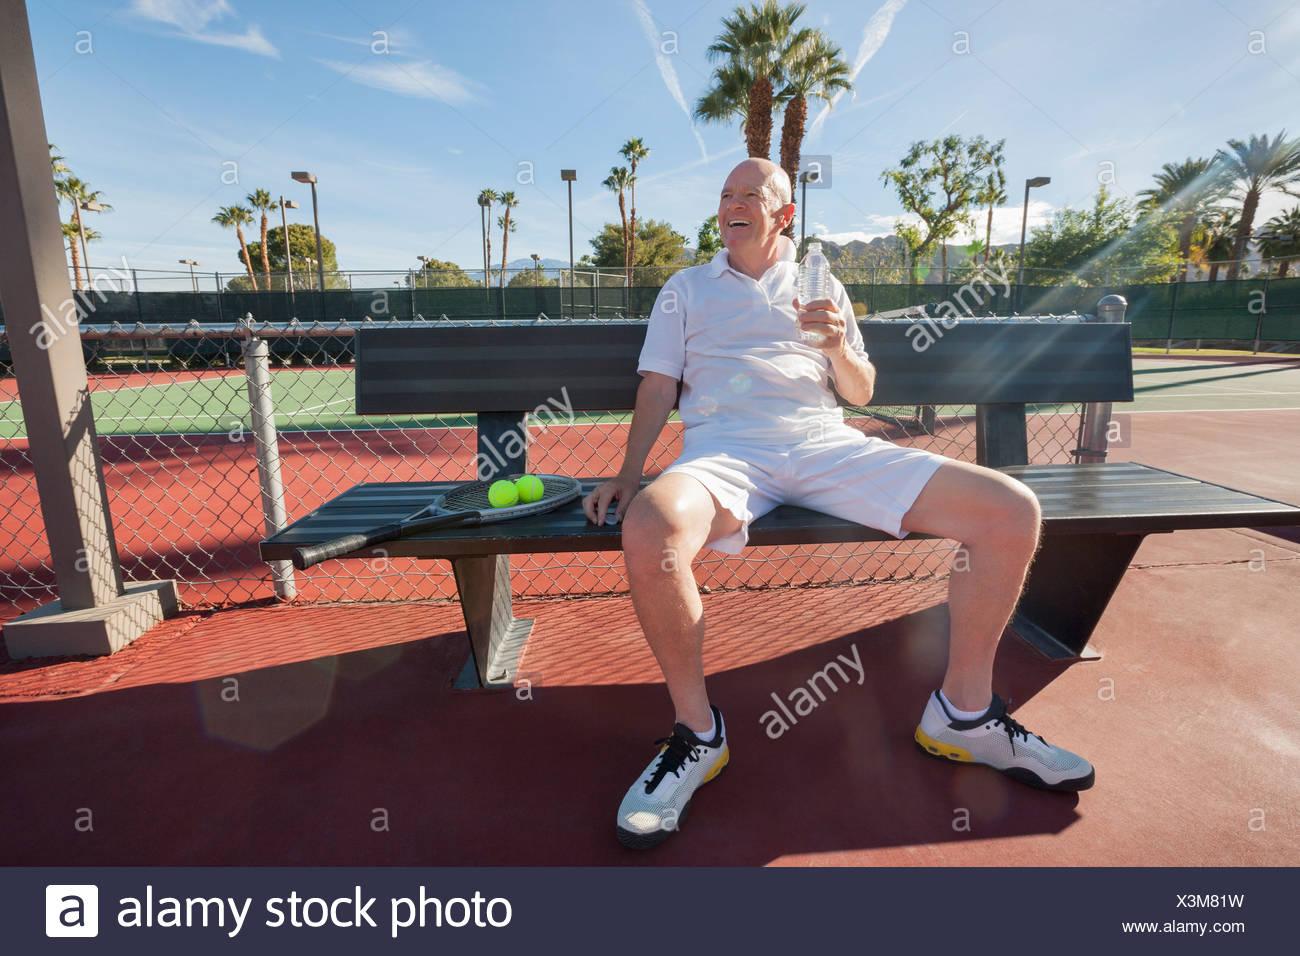 Happy senior male tennis player avec bouteille de l'eau assis sur un banc à la cour Photo Stock